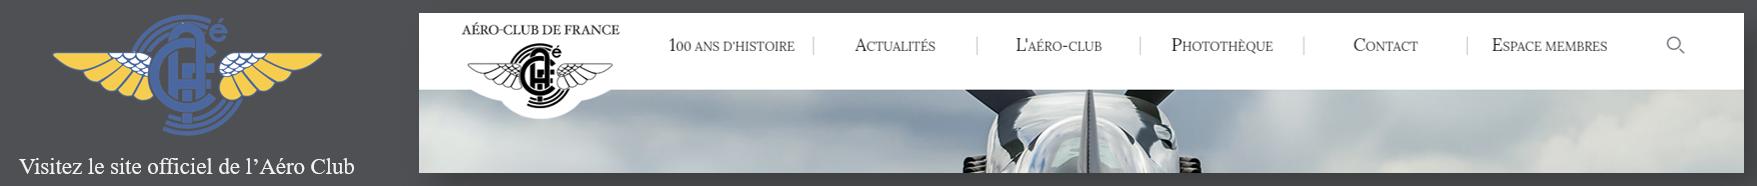 Aéro Club de France - Site Officiel